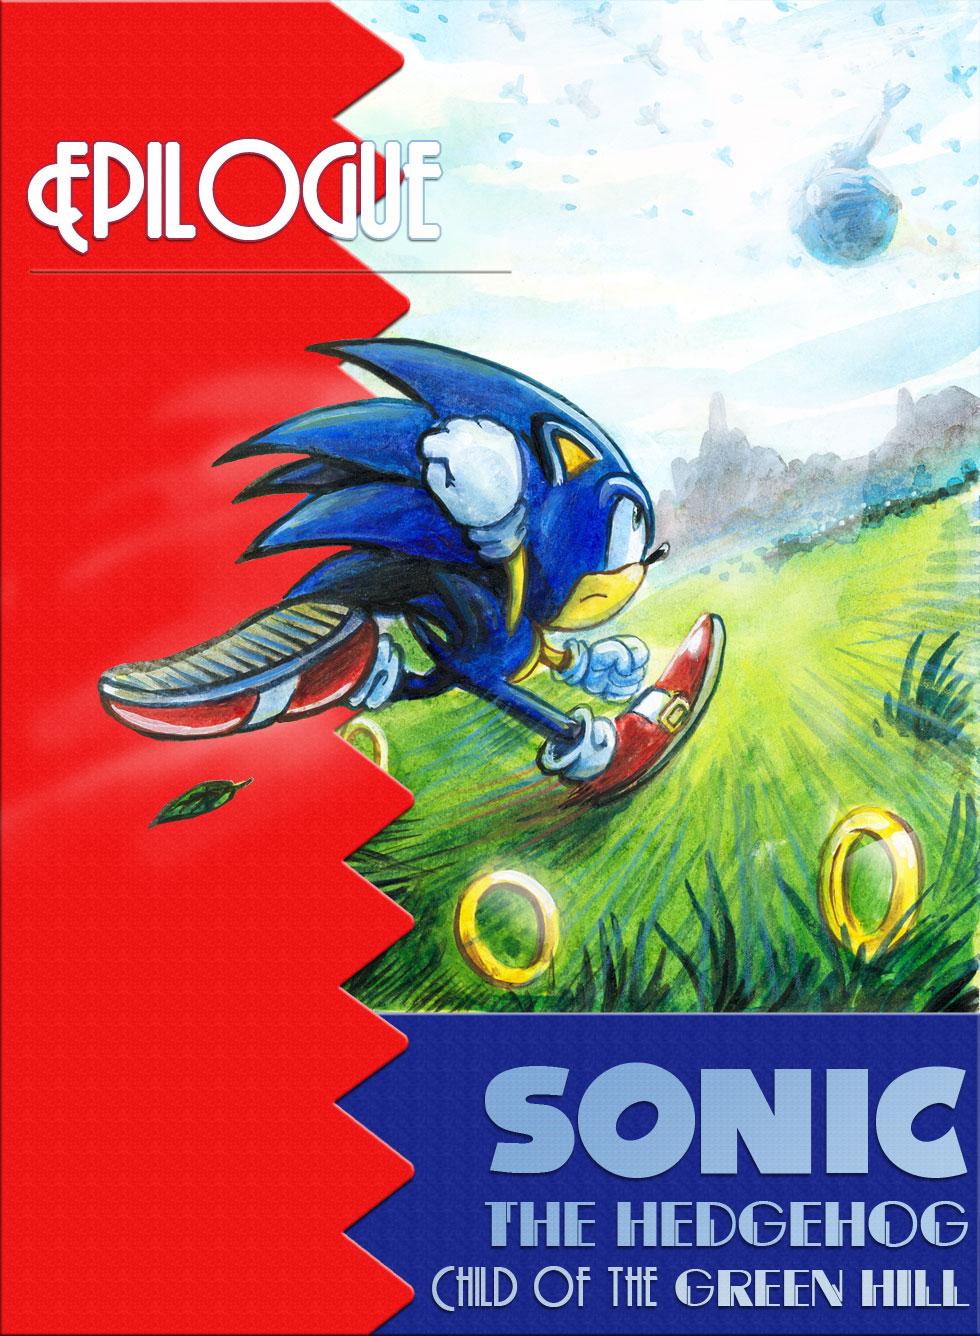 Sonic-ChotGH - Epilogue - 01 by Liris-san